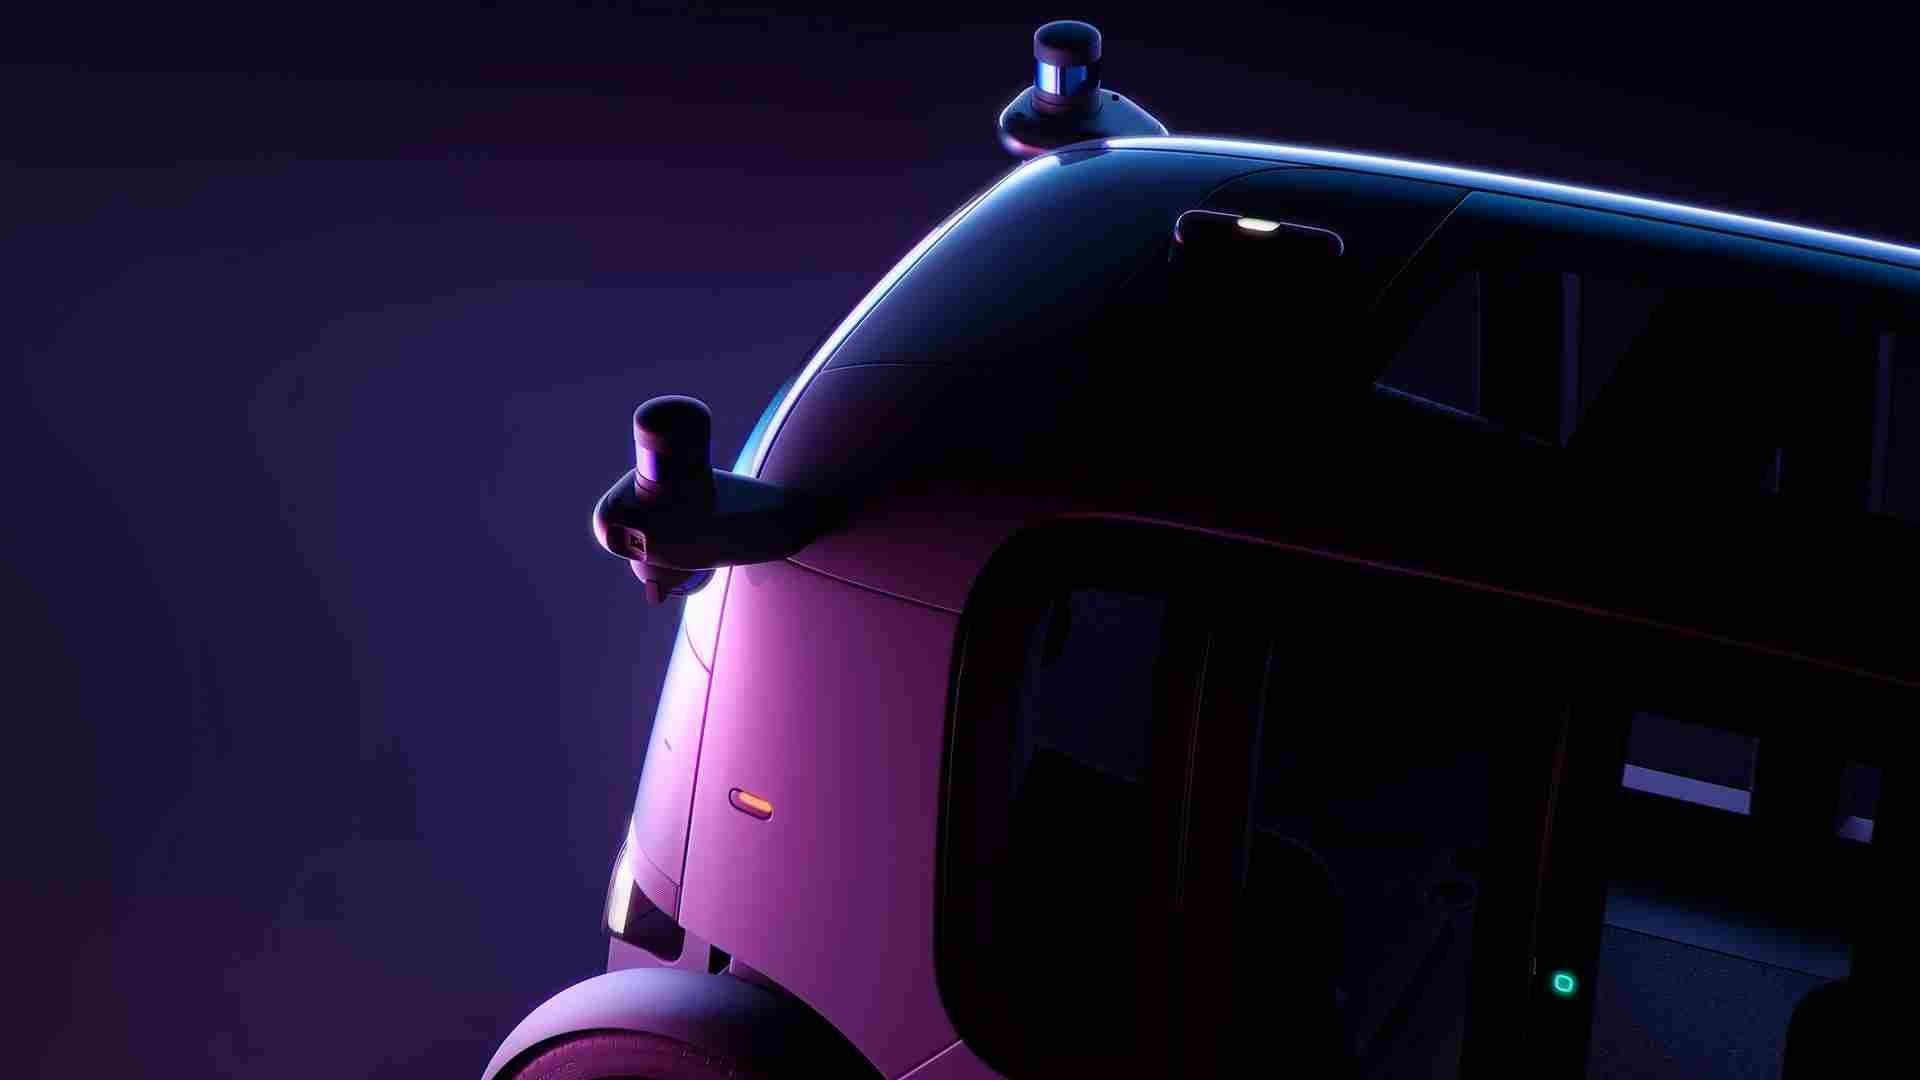 Zoox-Autonomous-Vehicle-Reveal-Sensor-Detail